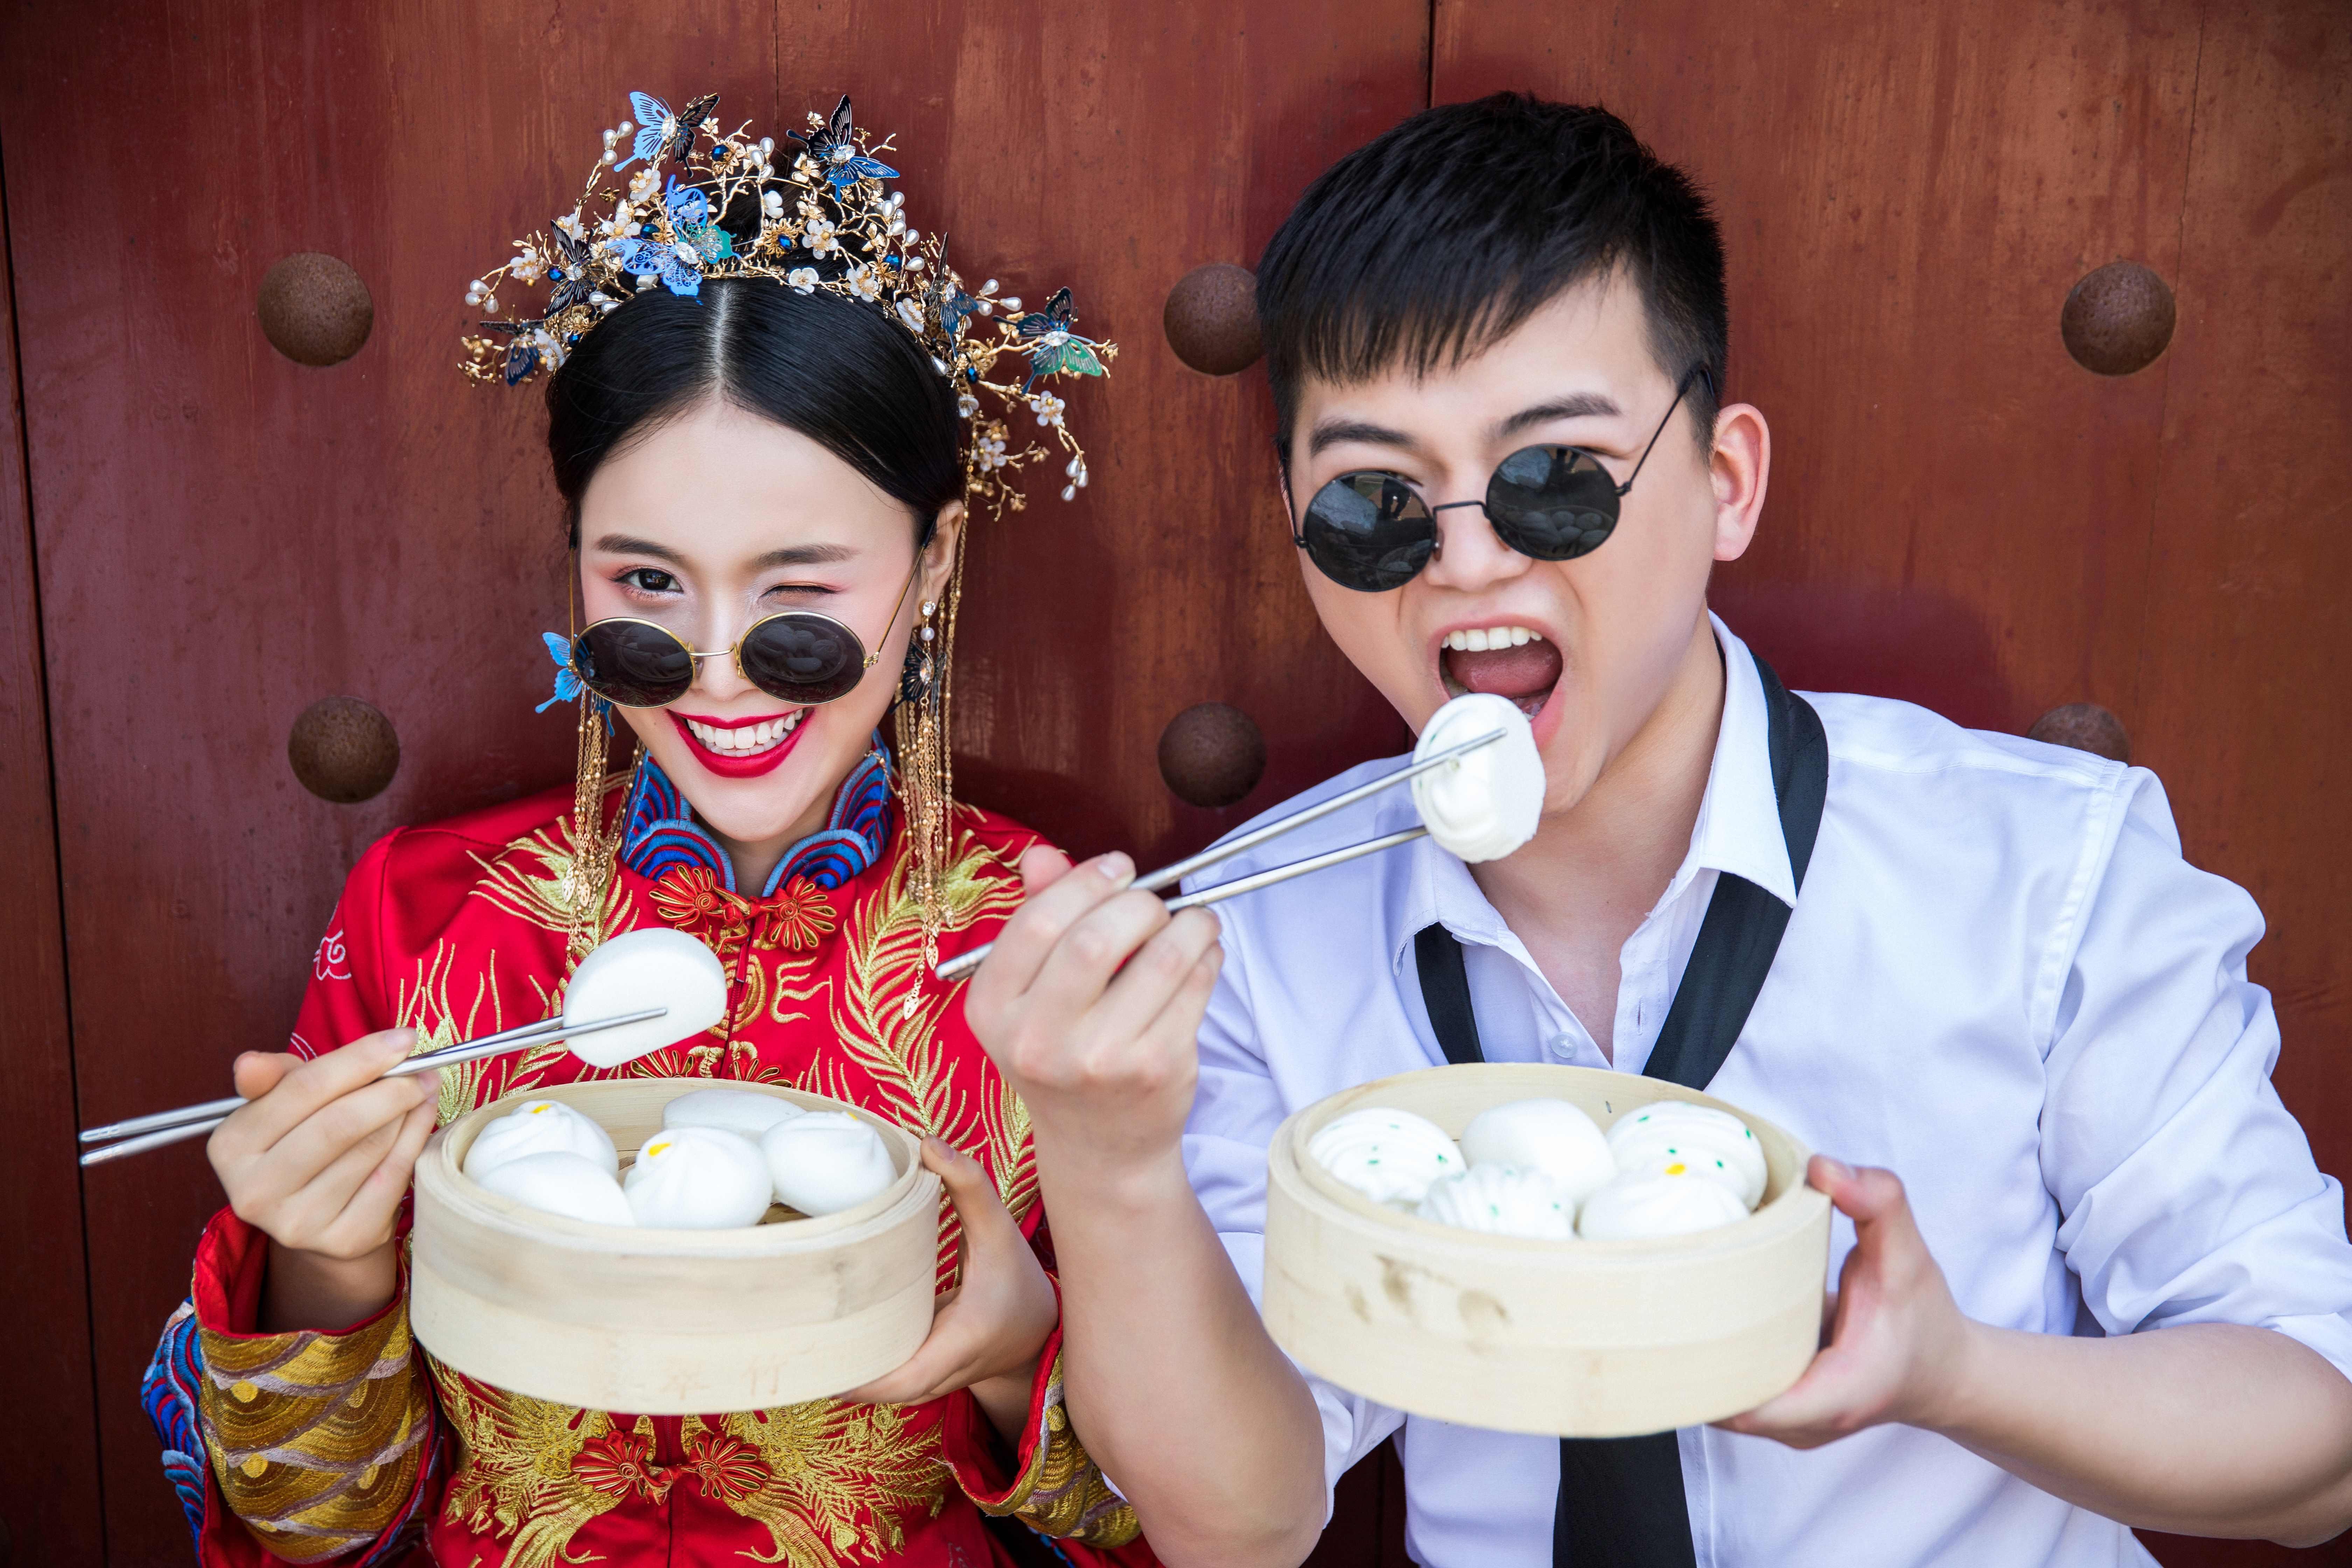 """旅拍婚纱照!打卡千岛湖骑龙巷古街,来一套""""很可""""中国风婚纱照"""